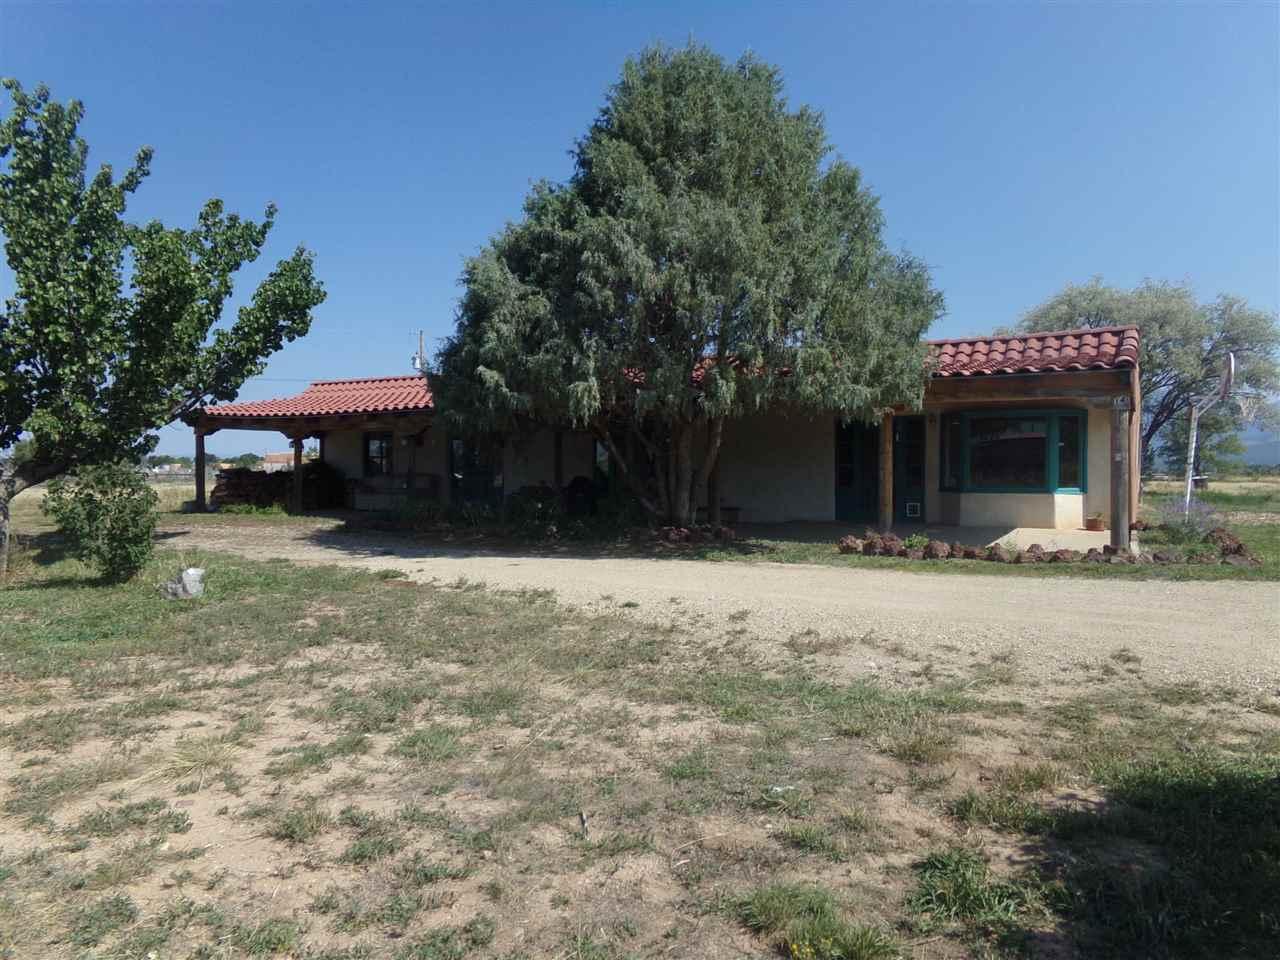 14 La Morada Rd., Ranchos de Taos, NM 87557